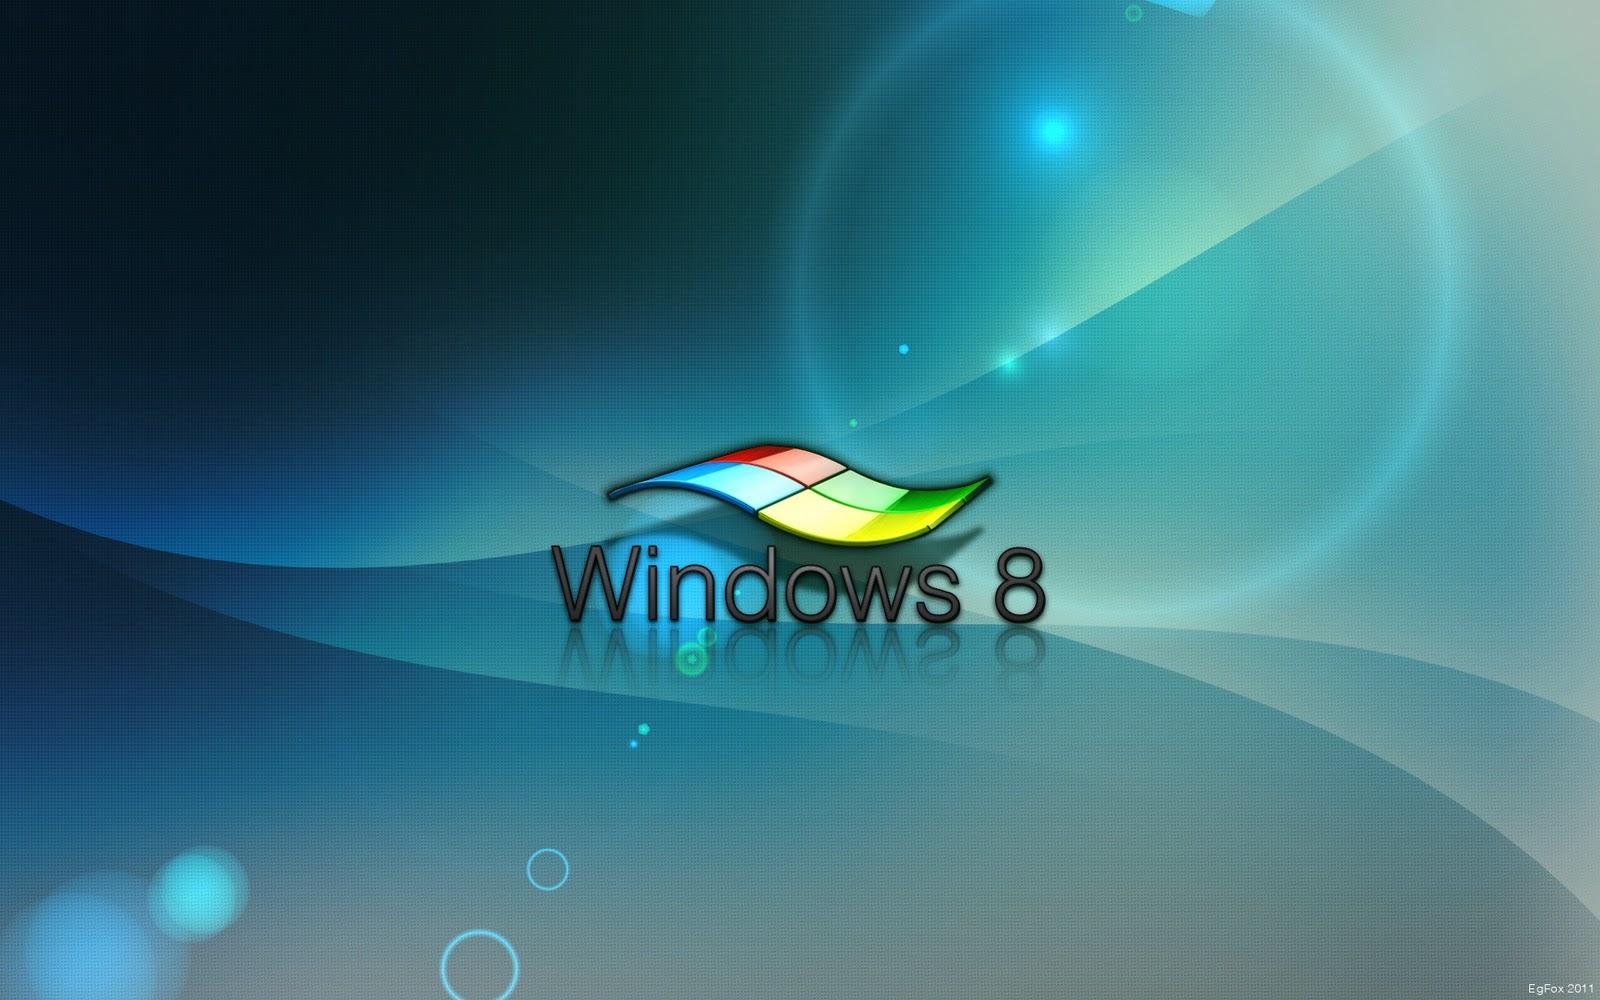 egfox windows 8 vision 2011 hd by eg art d3dn547 600x375 1600x1000